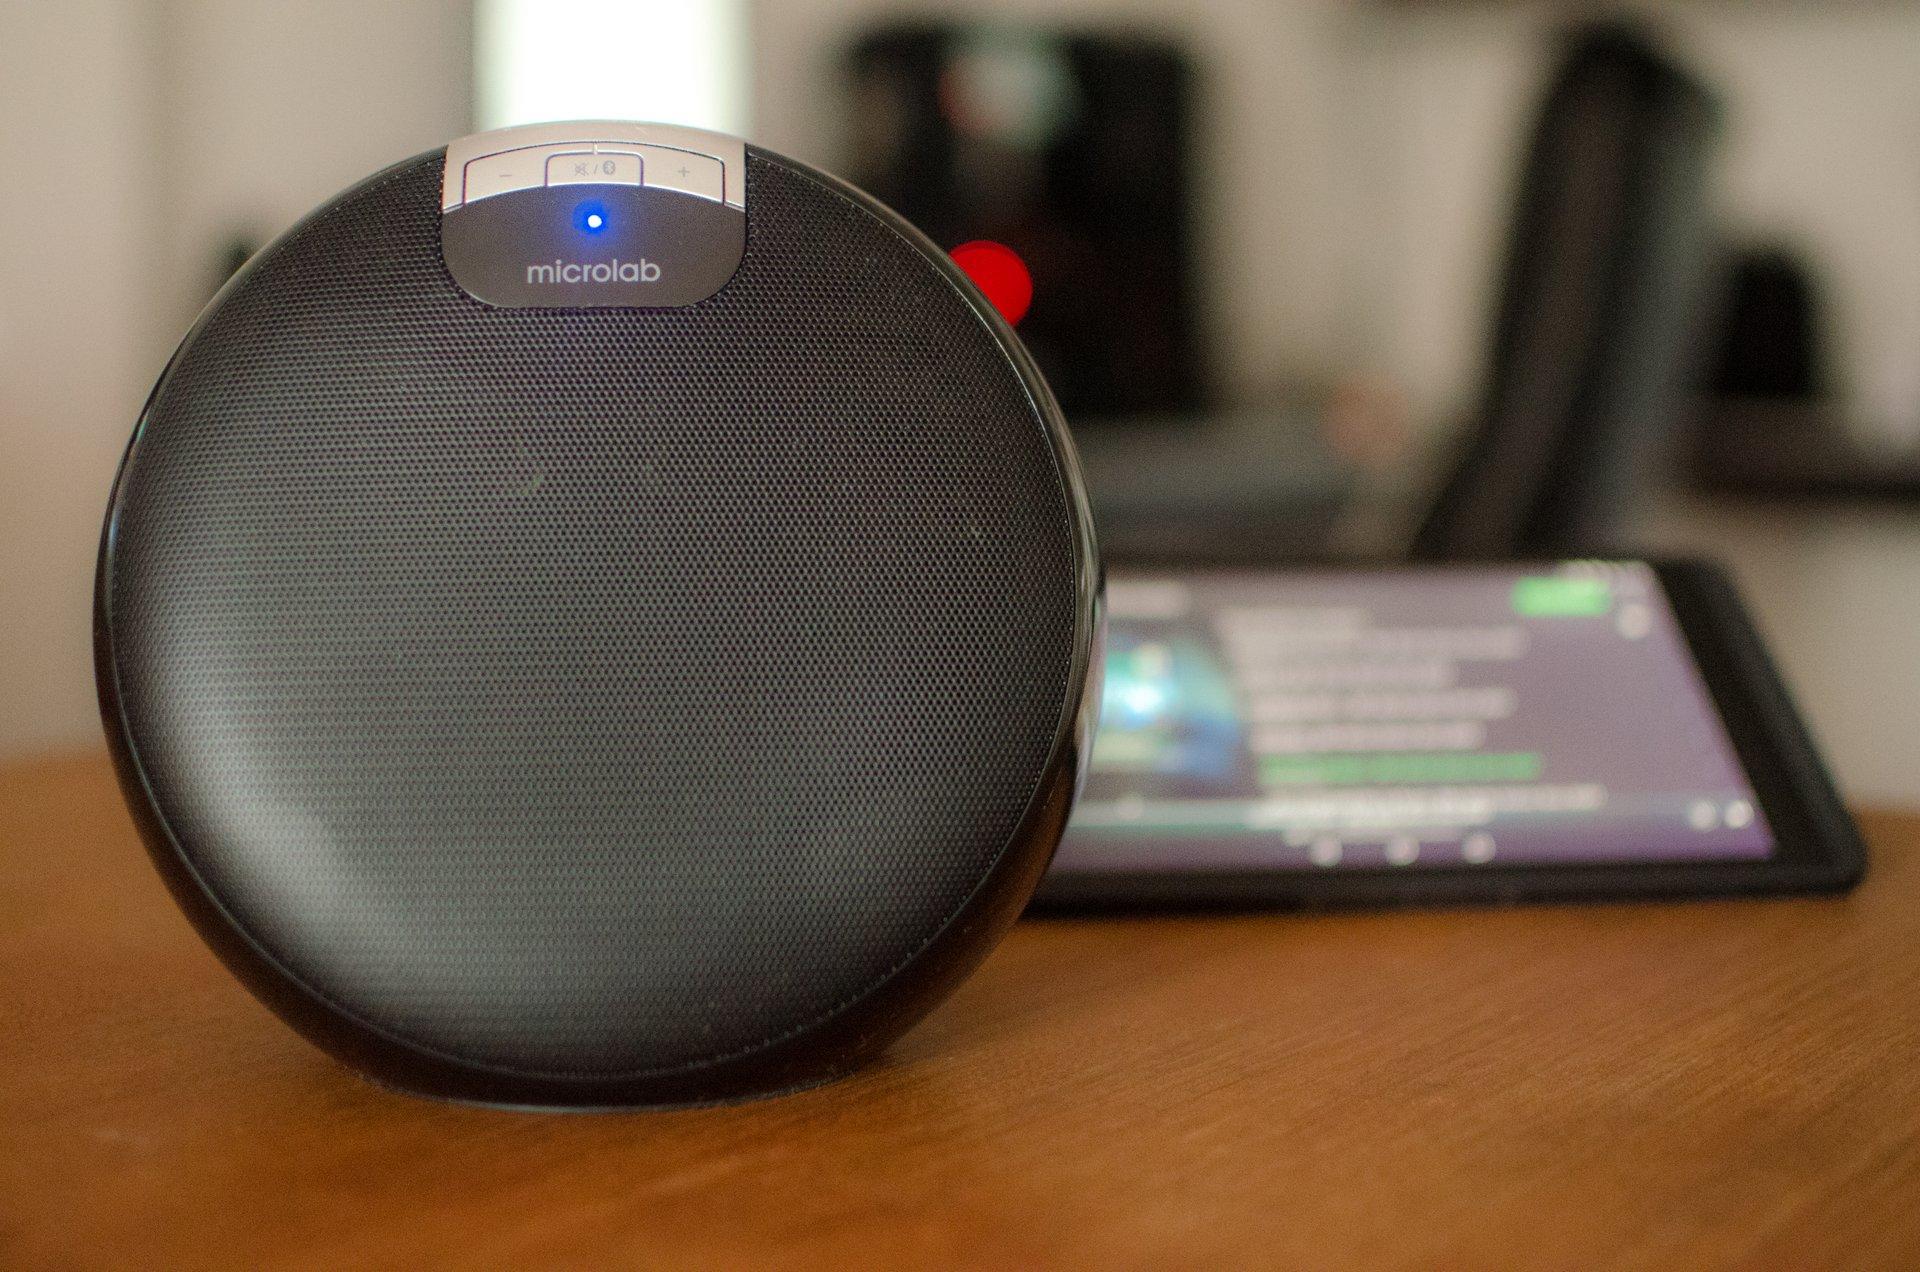 parlante-microlab-2